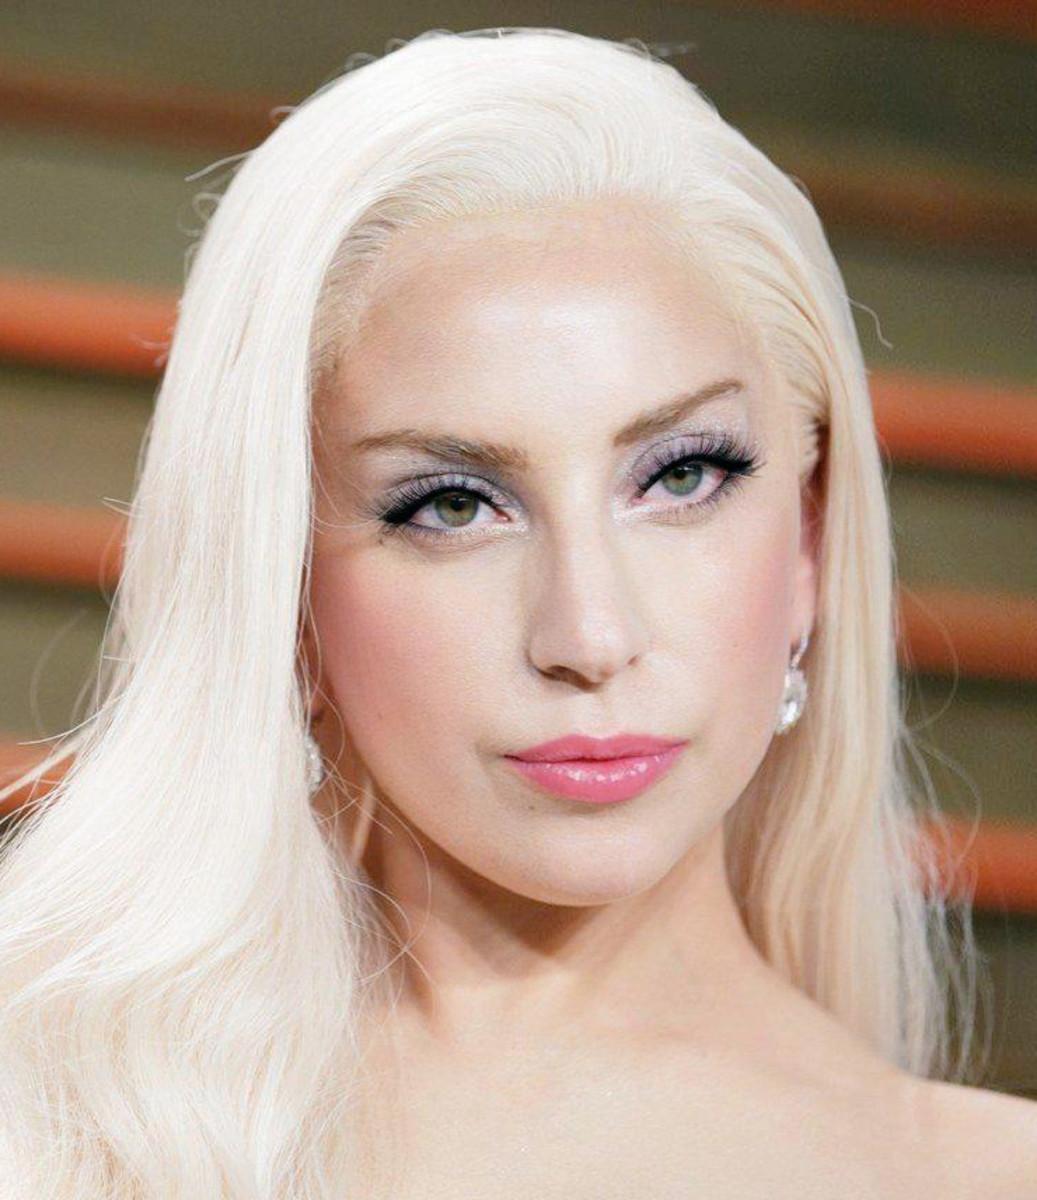 Lady Gaga Vanity Fair Oscars 2014?